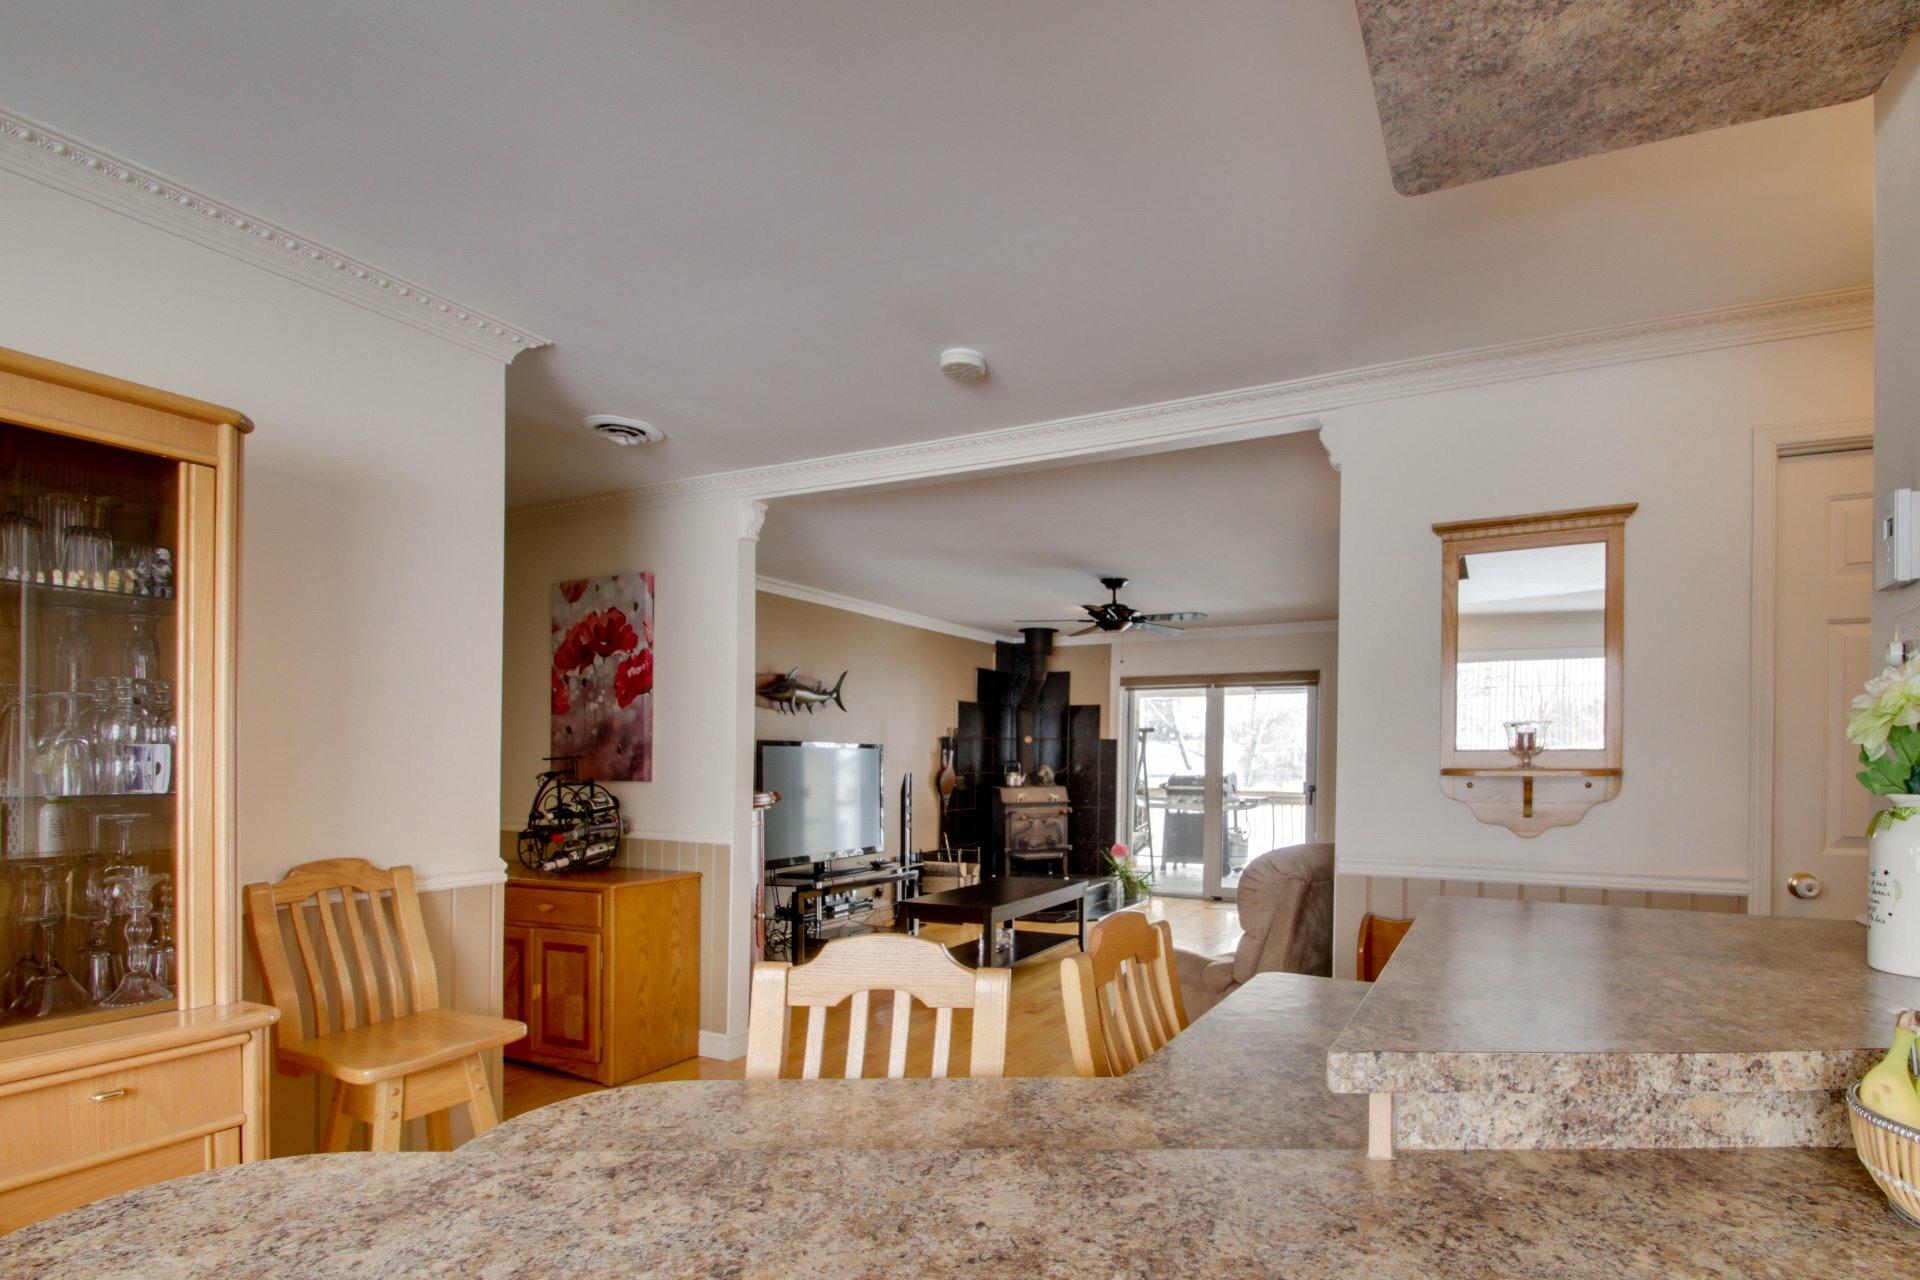 image 11 - House For sale Trois-Rivières - 8 rooms